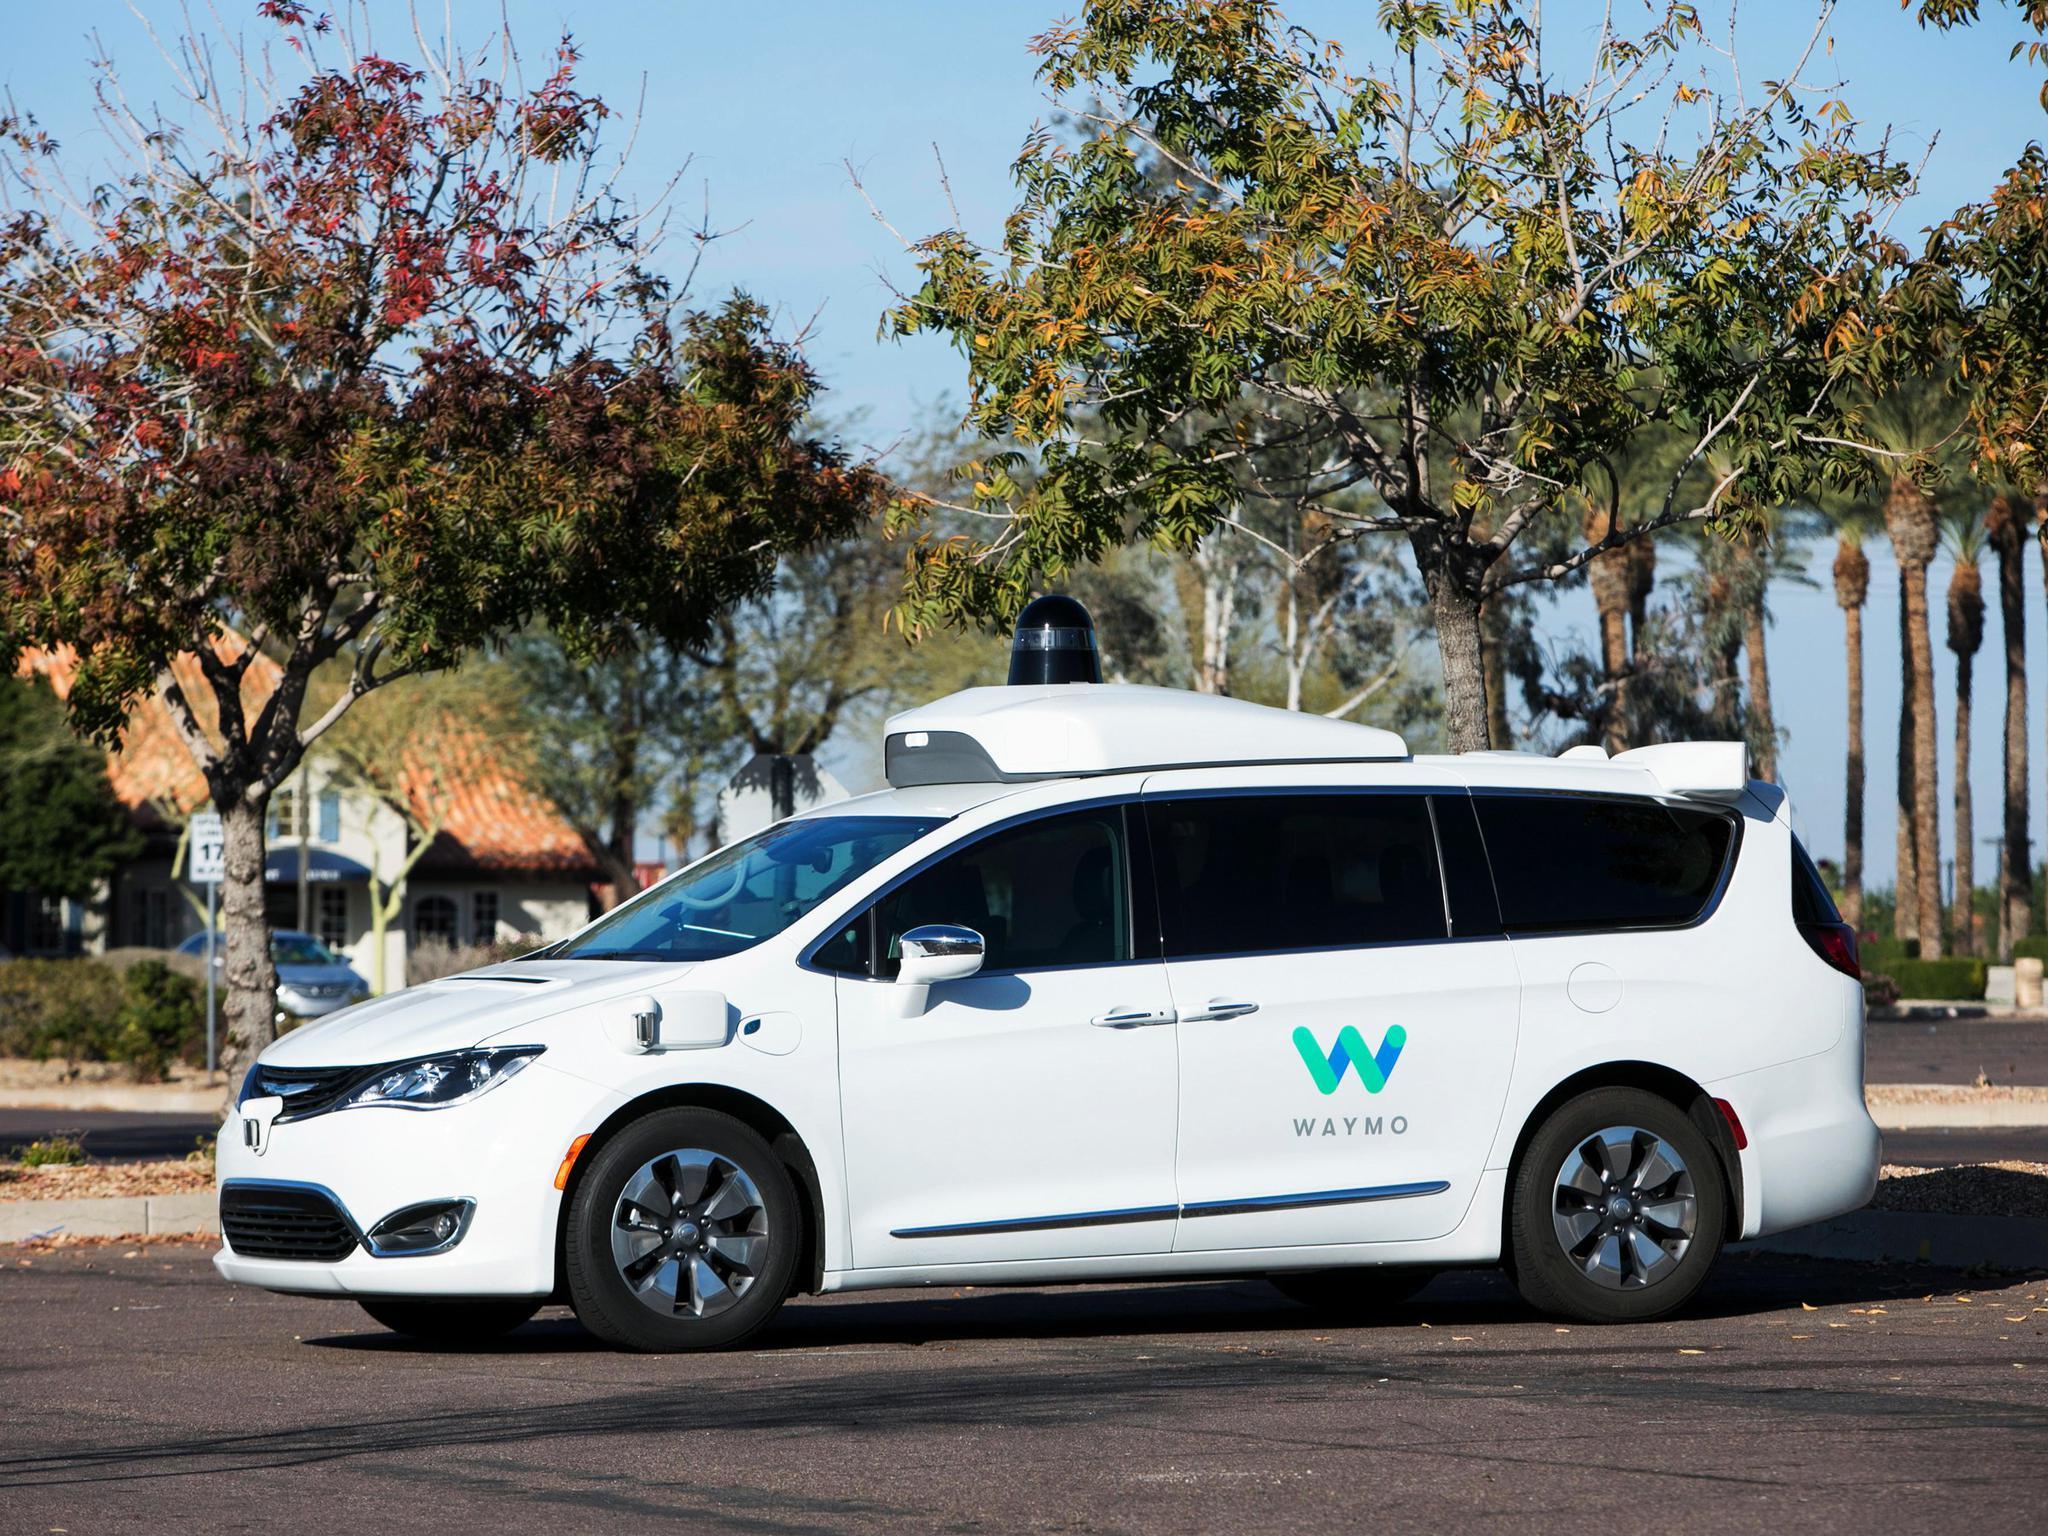 一线|谷歌旗下自动驾驶公司Waymo开源部分自动驾驶数据集